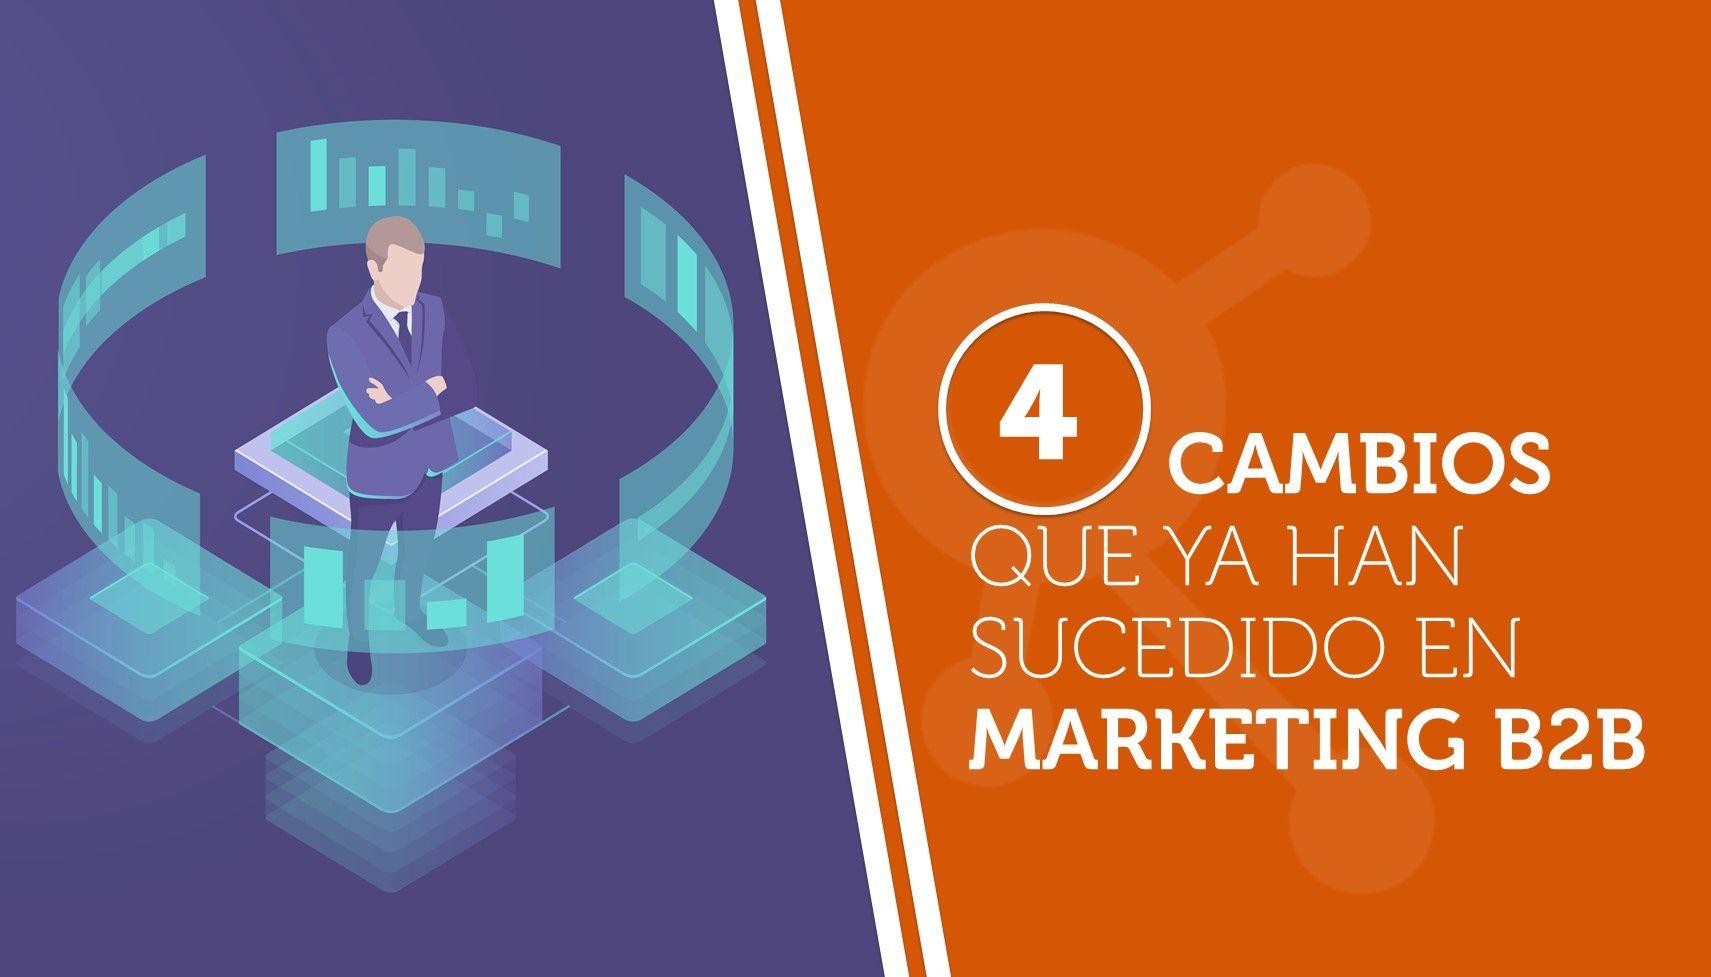 Cuatro cambios que ya han sucedido en marketing B2B